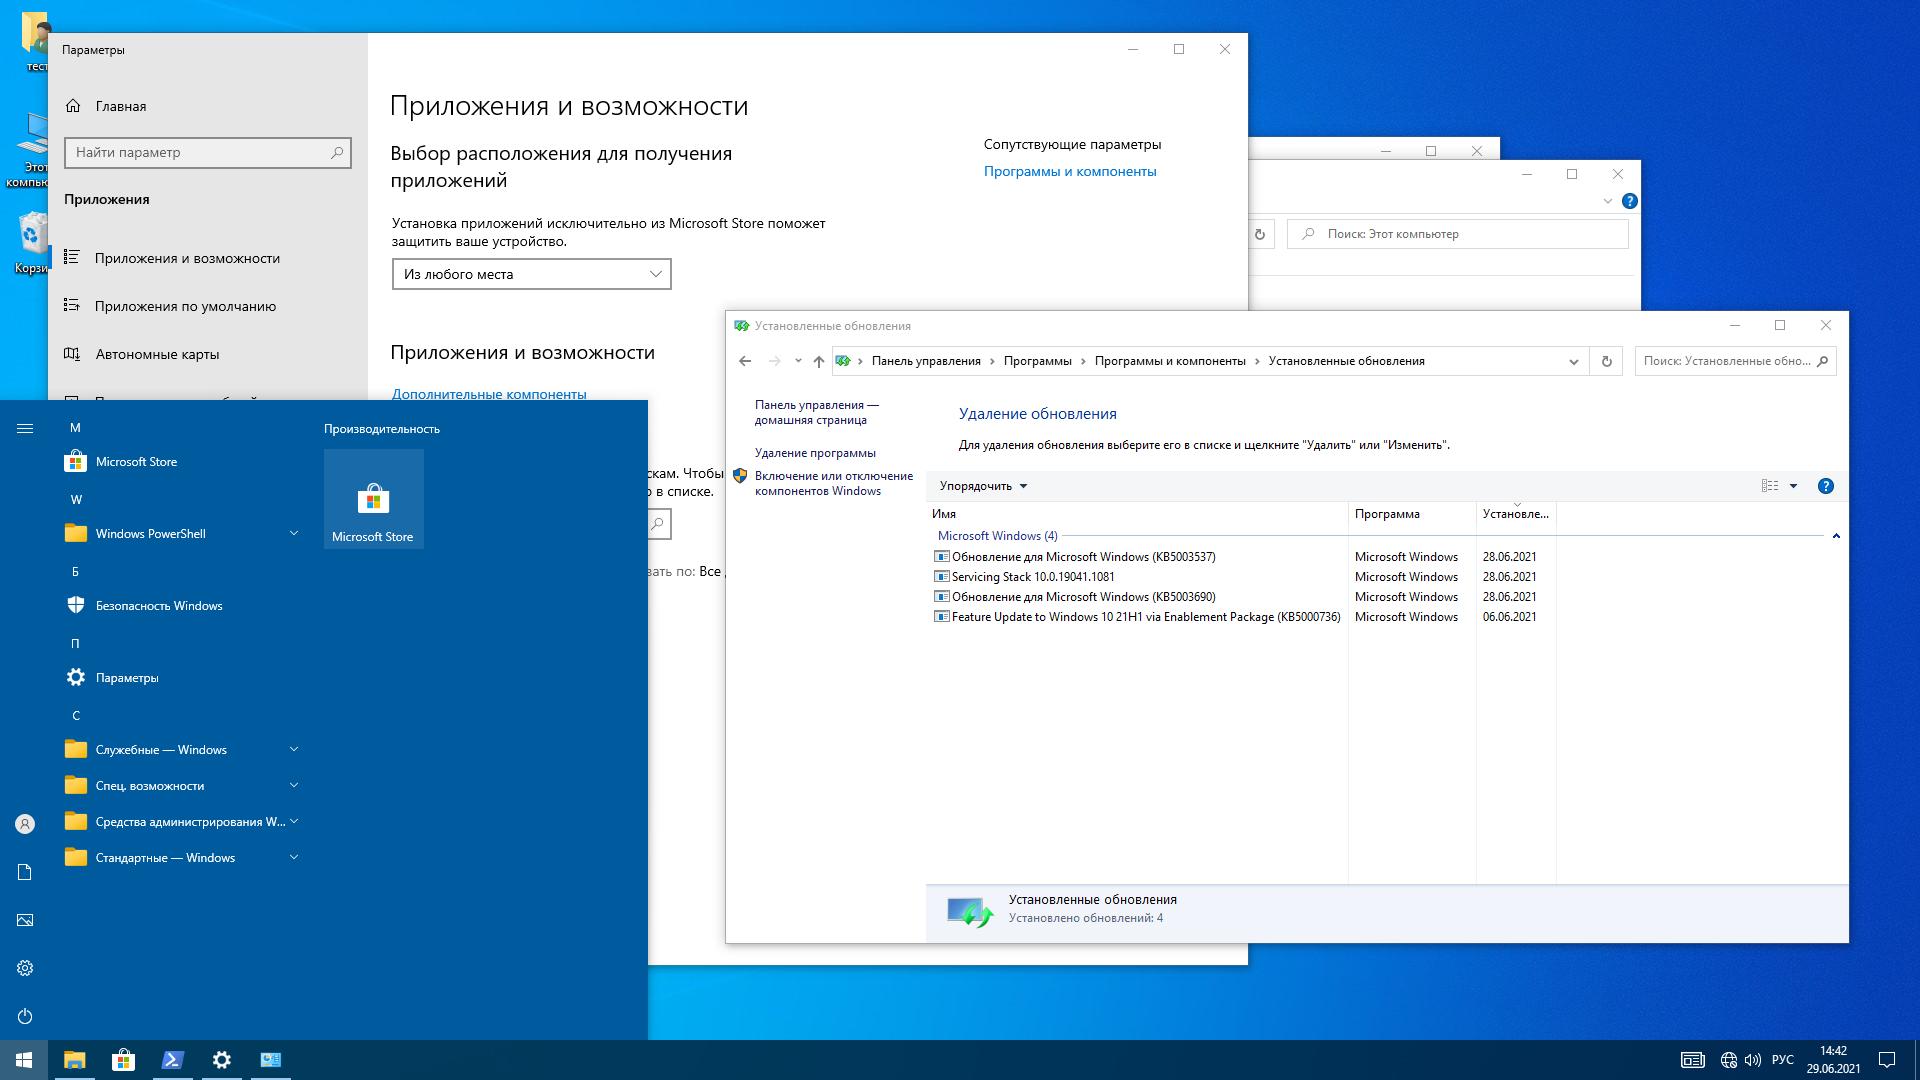 Windows 10 (v21h1) x64 HSL/PRO by KulHunter v2.1 (esd) оптимизированная